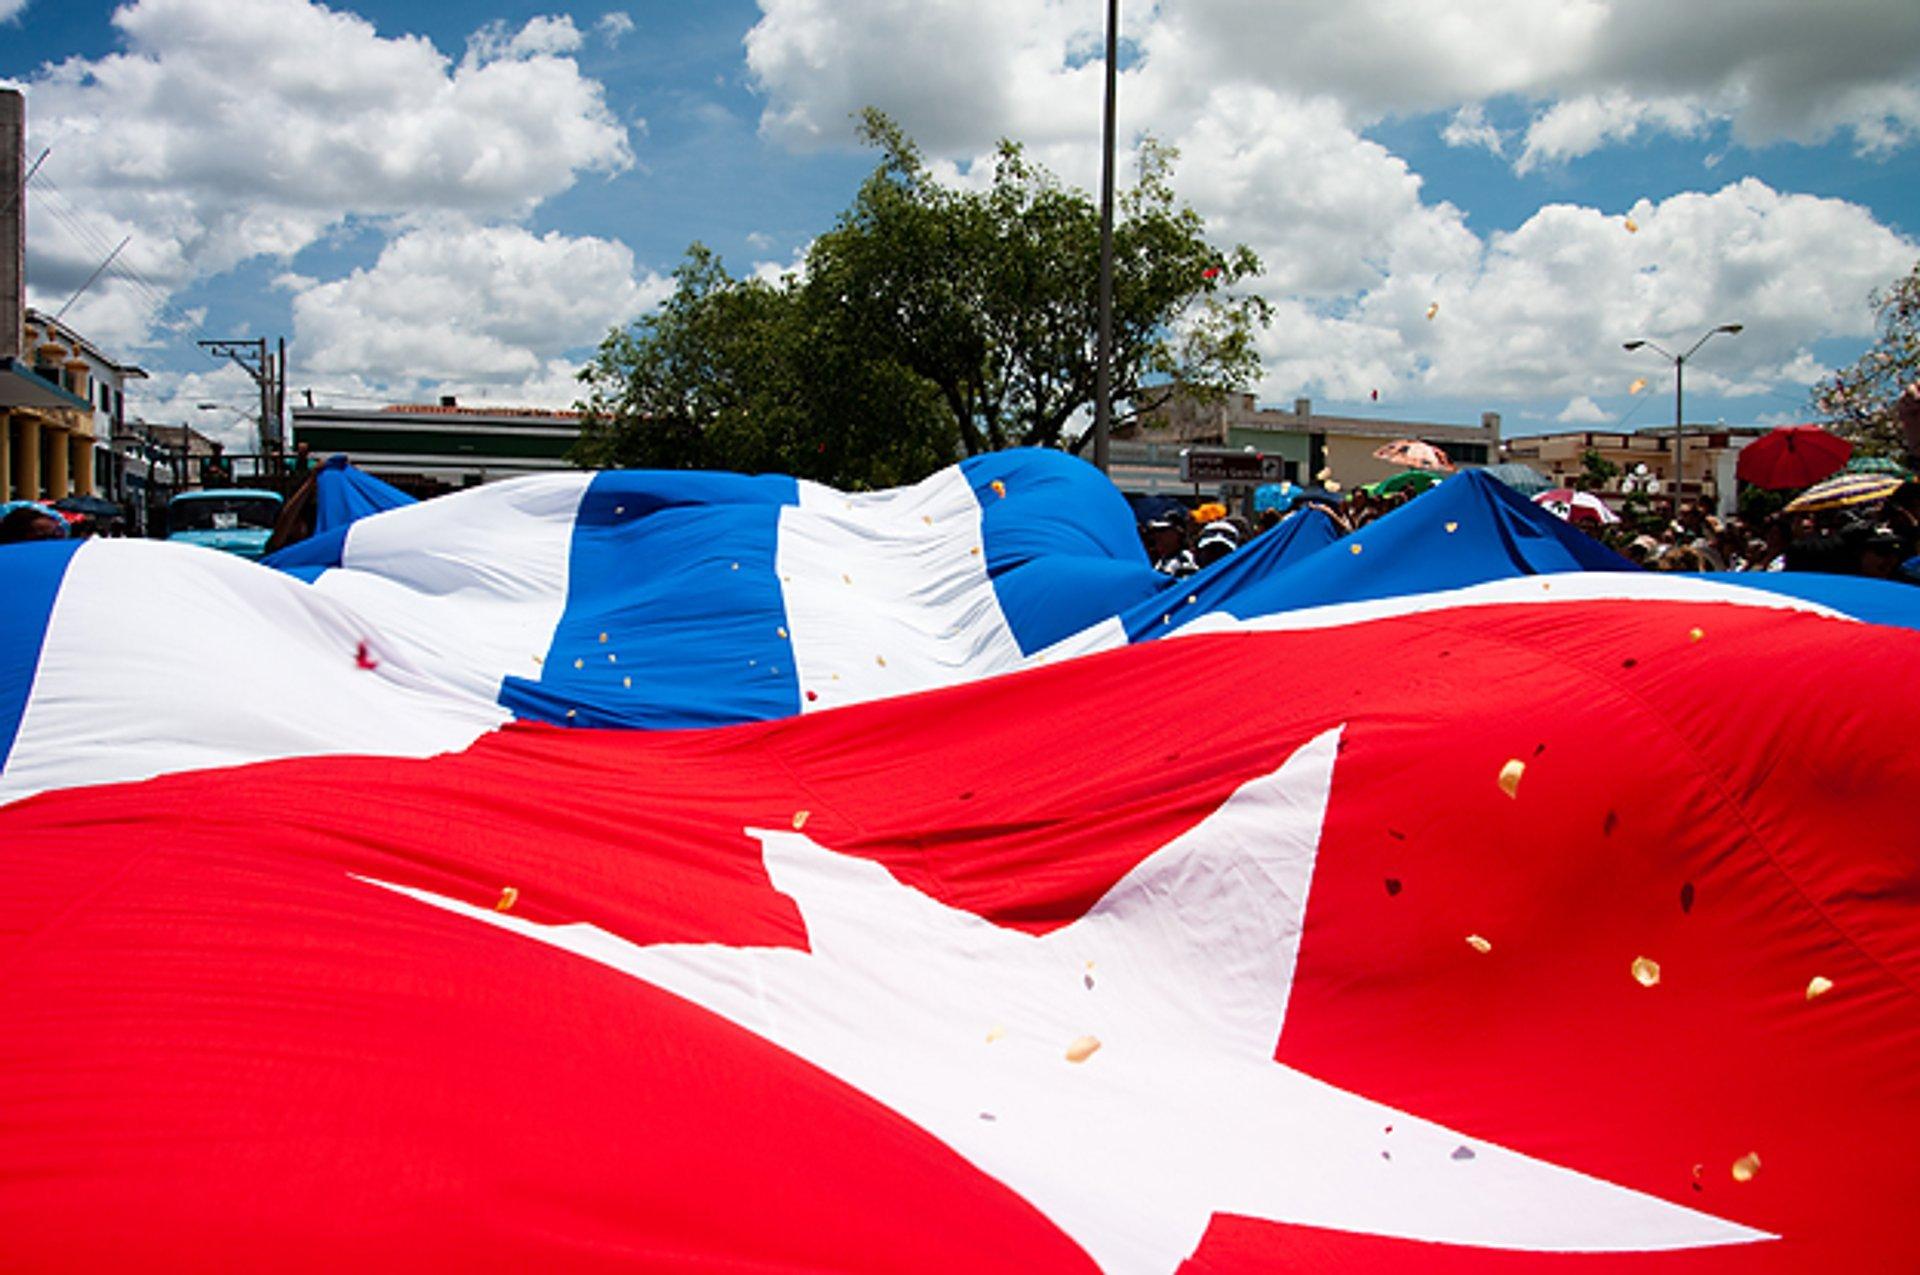 Romerias de Mayo in Cuba 2020 - Best Time